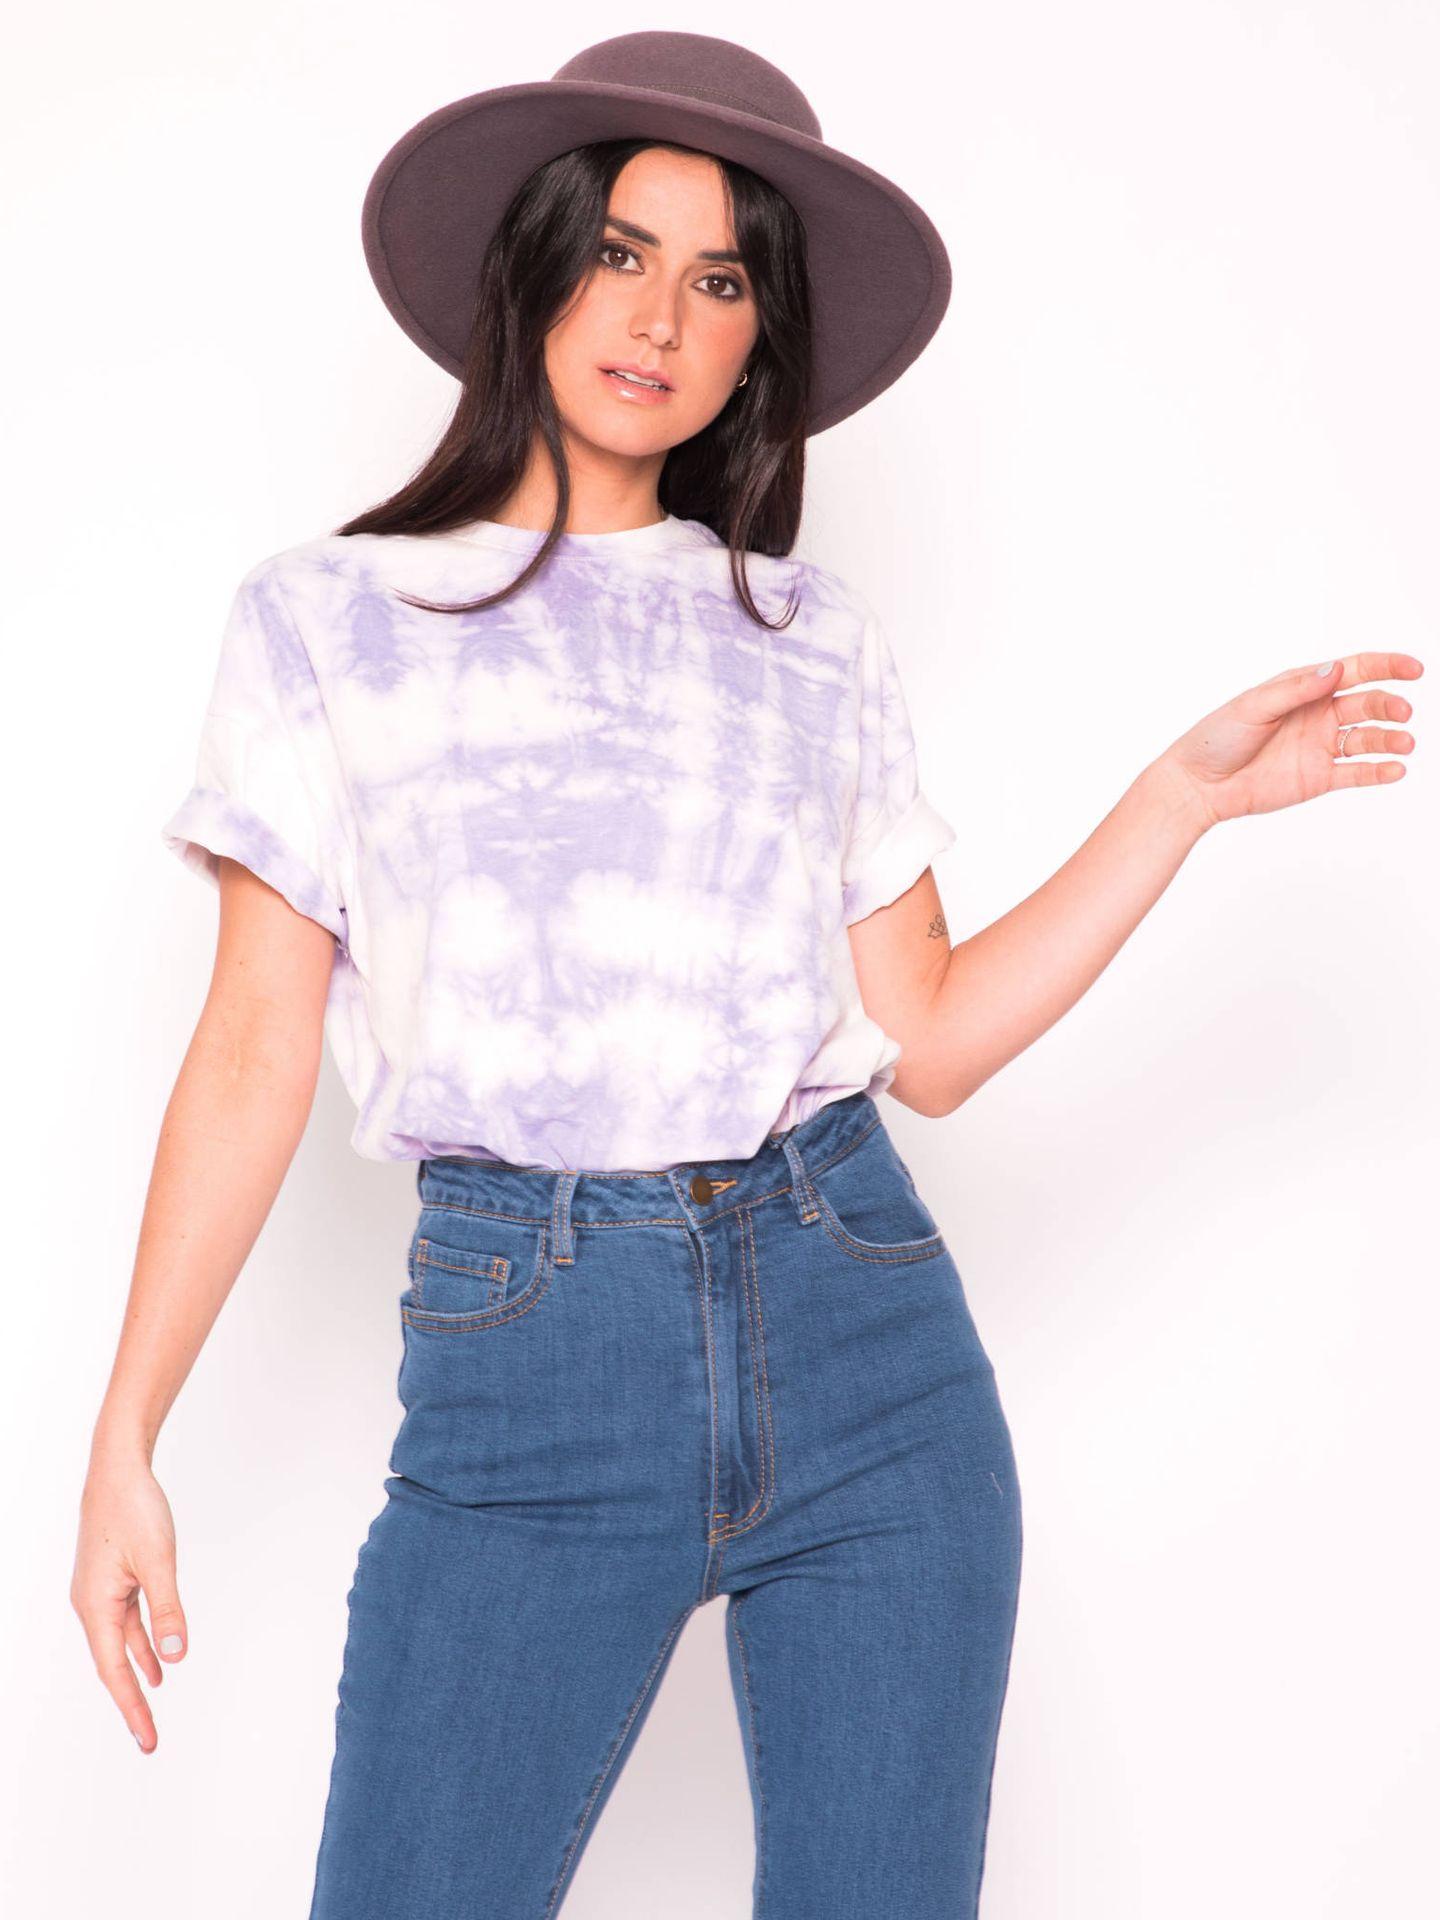 La camiseta que lleva Sara Carbonero se vende en Slow Love. (Cortesía)